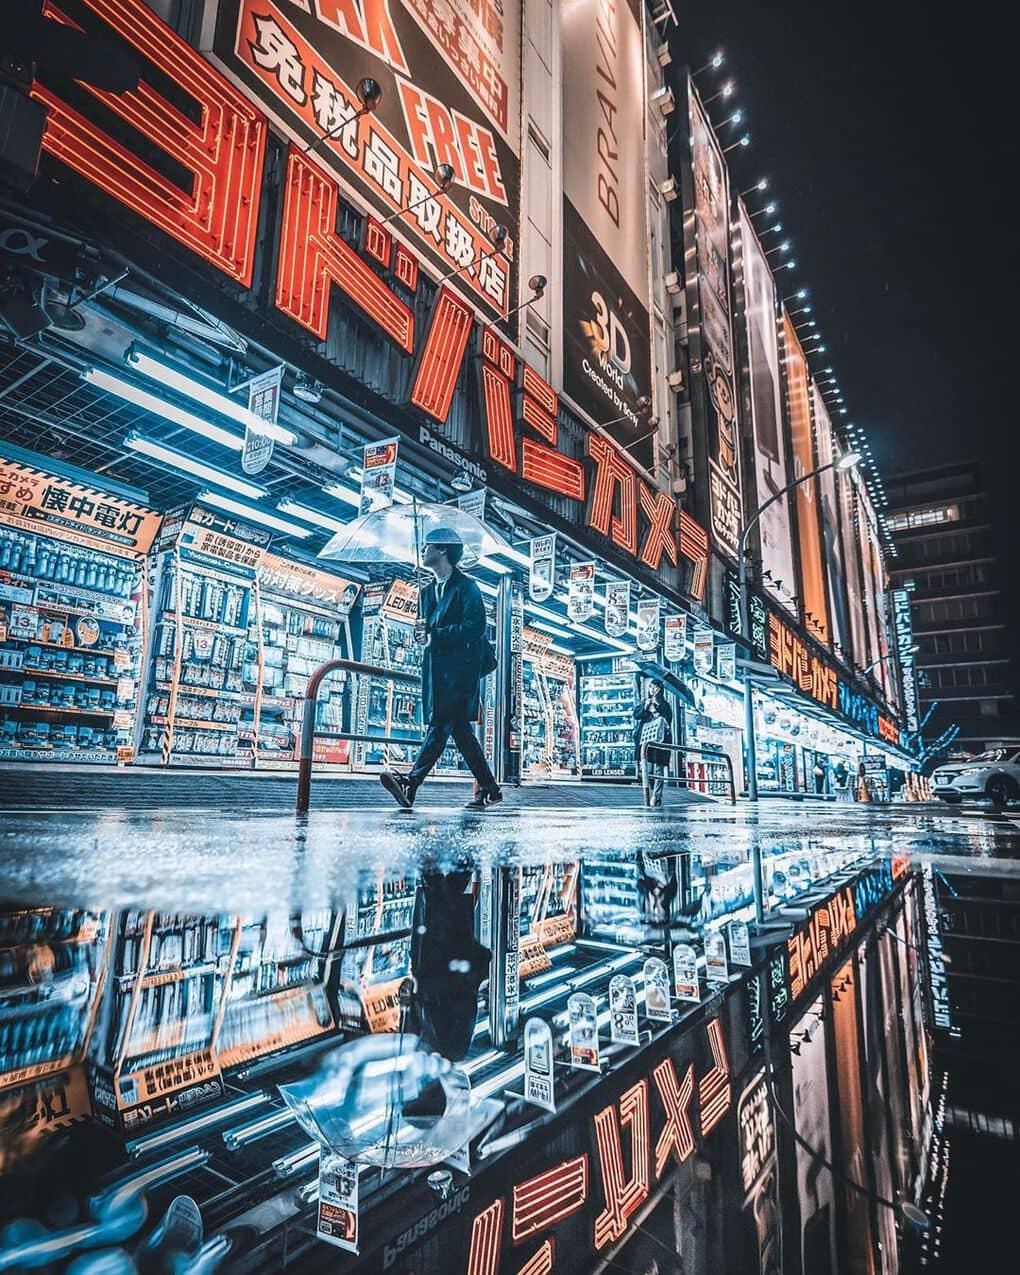 jungraphy 61775492 114569439801834 5586389518854904262 n - 25 работ фотографа из Токио, которые погрузят вас в магическую атмосферу ночных японских улиц